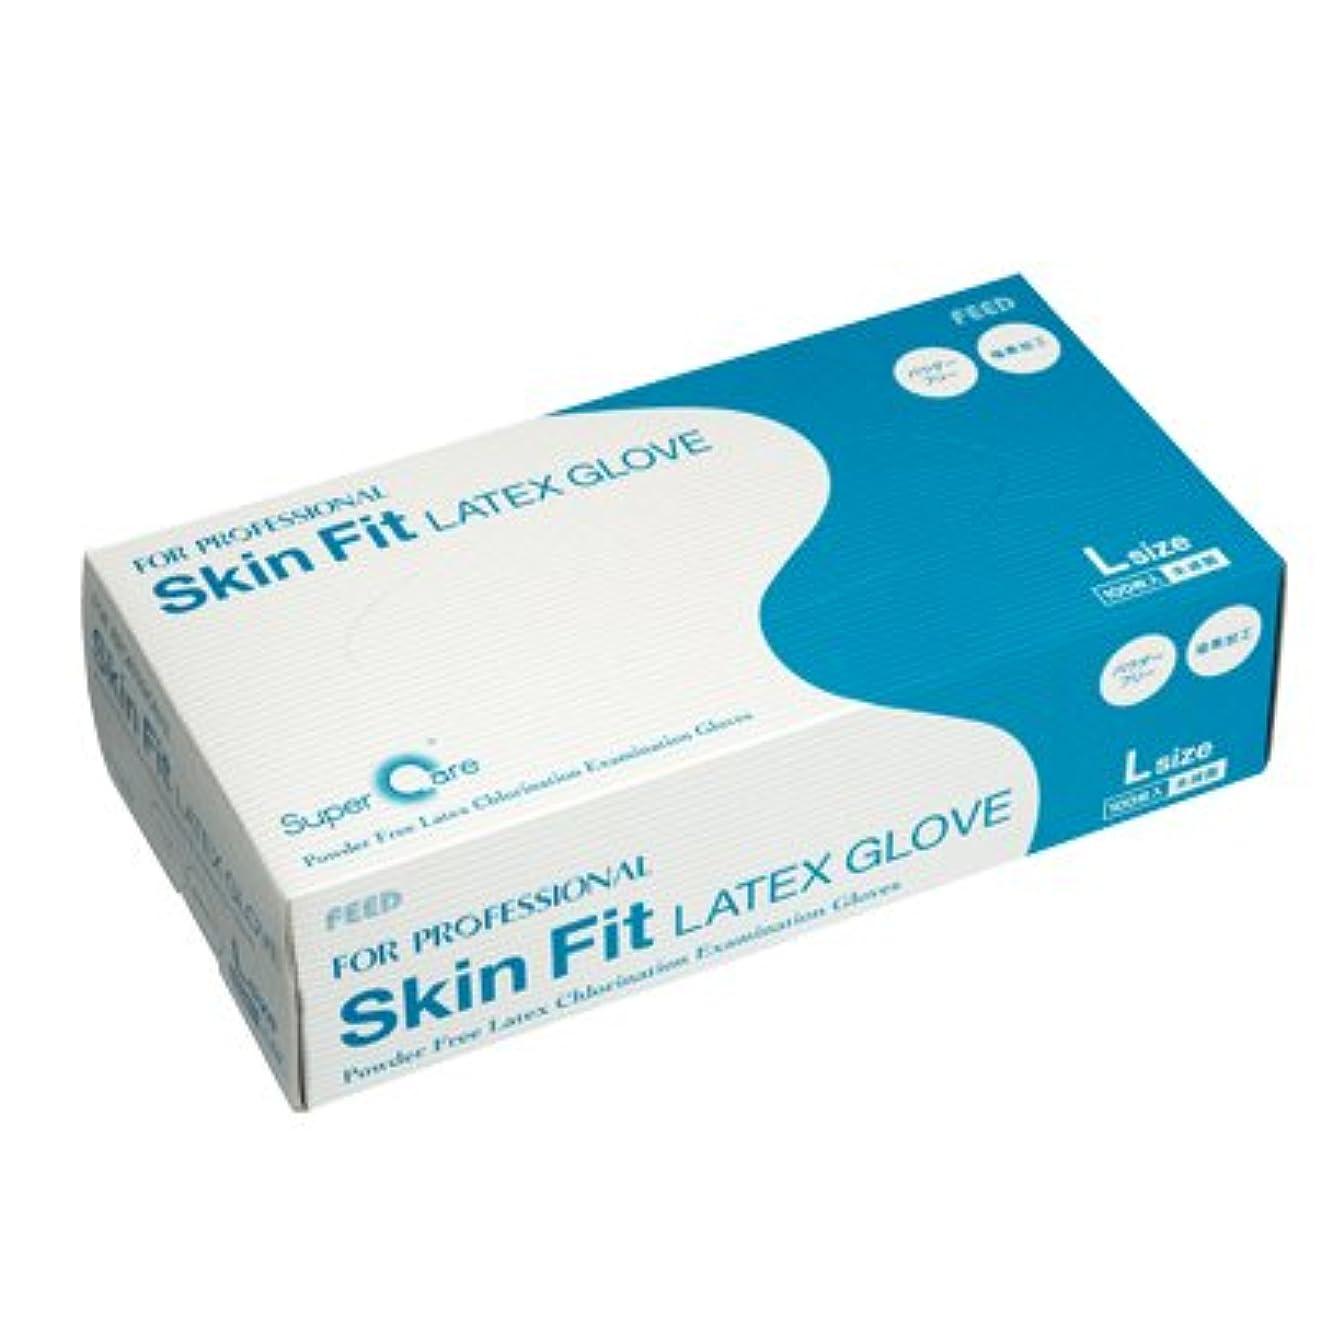 談話ケージ二次FEED(フィード) Skin Fit ラテックスグローブ パウダーフリー 塩素加工 L カートン(10ケース) (医療機器)